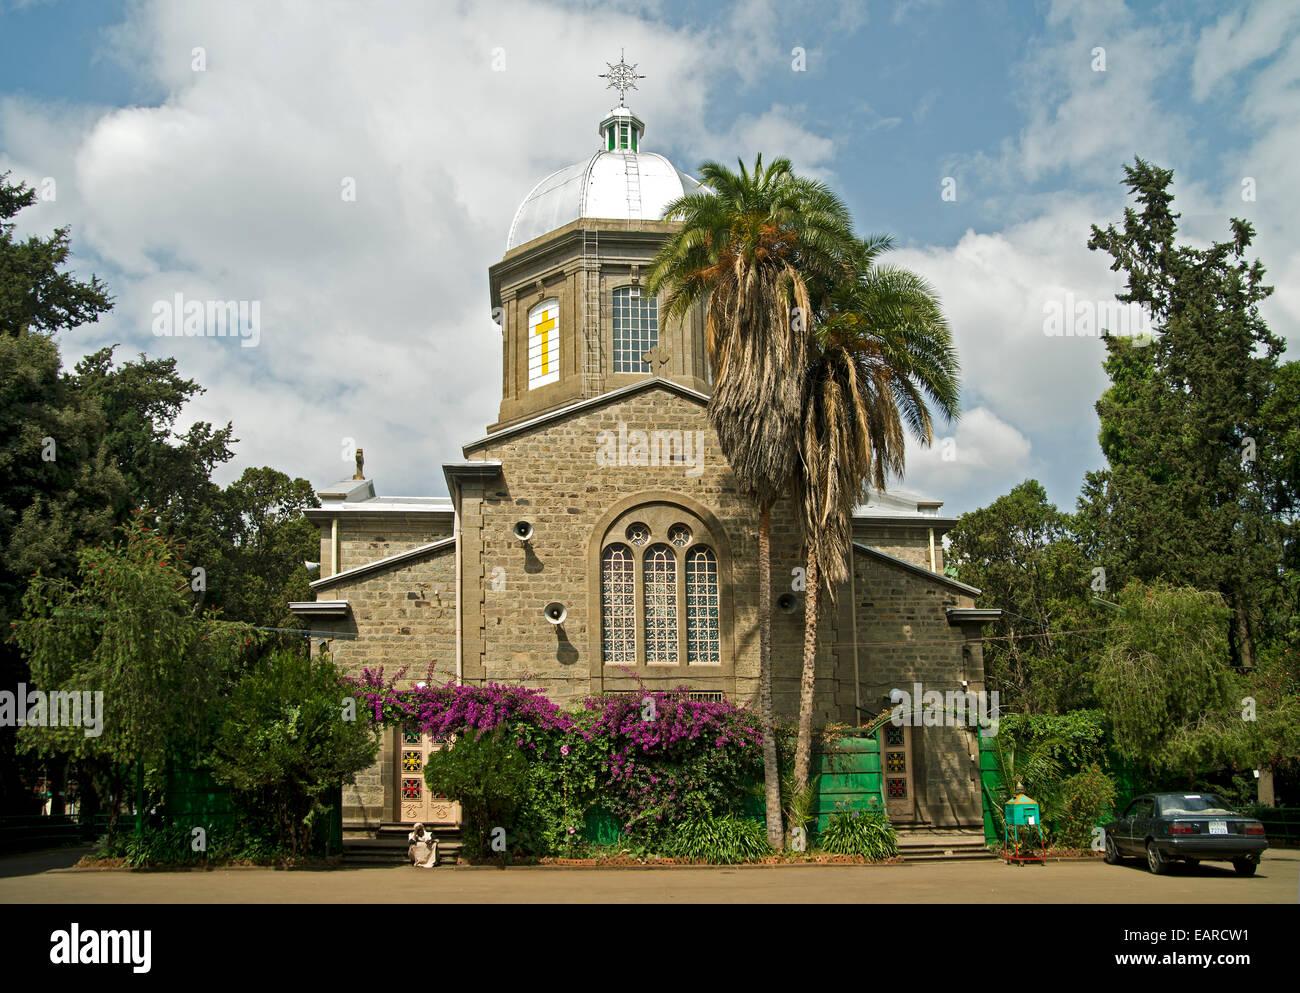 Sedetegnaw Medanialem Church, Addis Ababa, Ethiopia - Stock Image